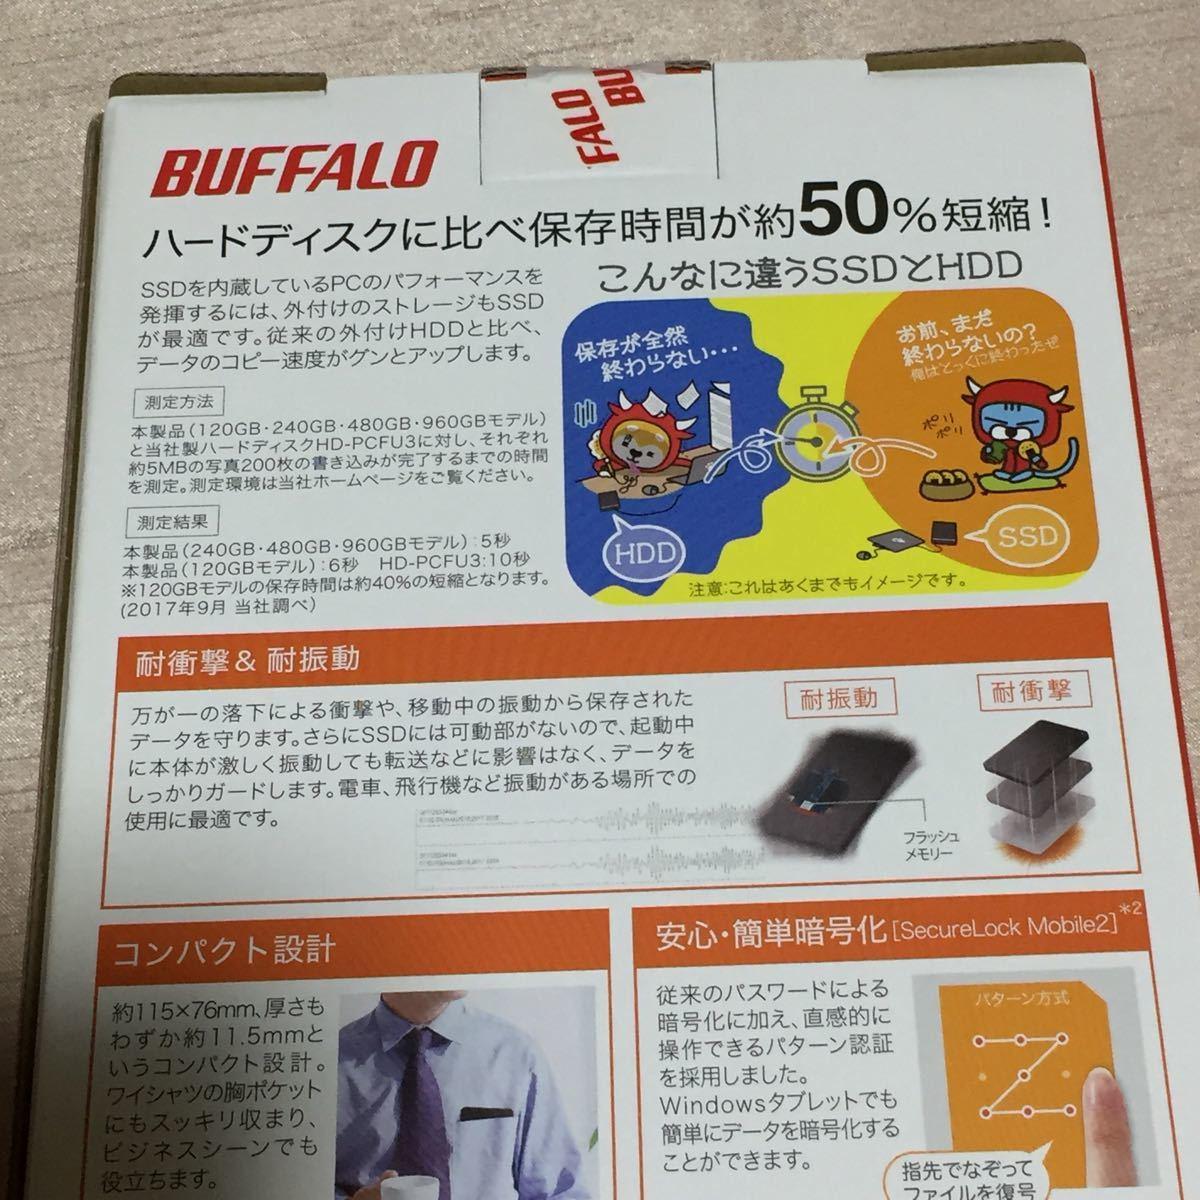 バッファロー SSD-PL480U3-BK USB3.1(Gen1)対応 外付けポータブルSSD 480GB ブラック